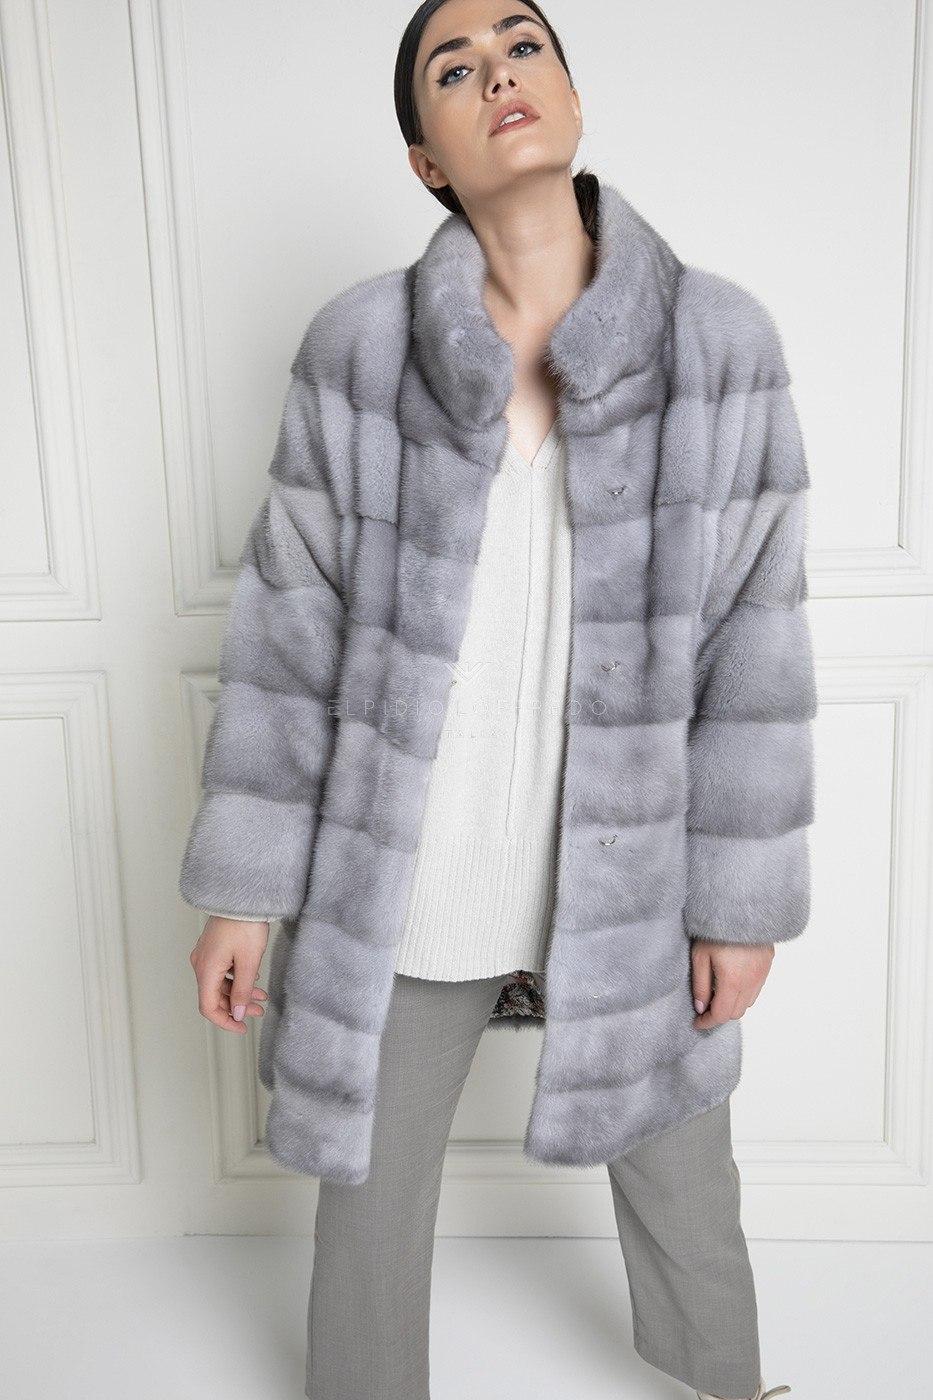 Sapphire Female Mink Coat Full Sleeves - Length 90 cm